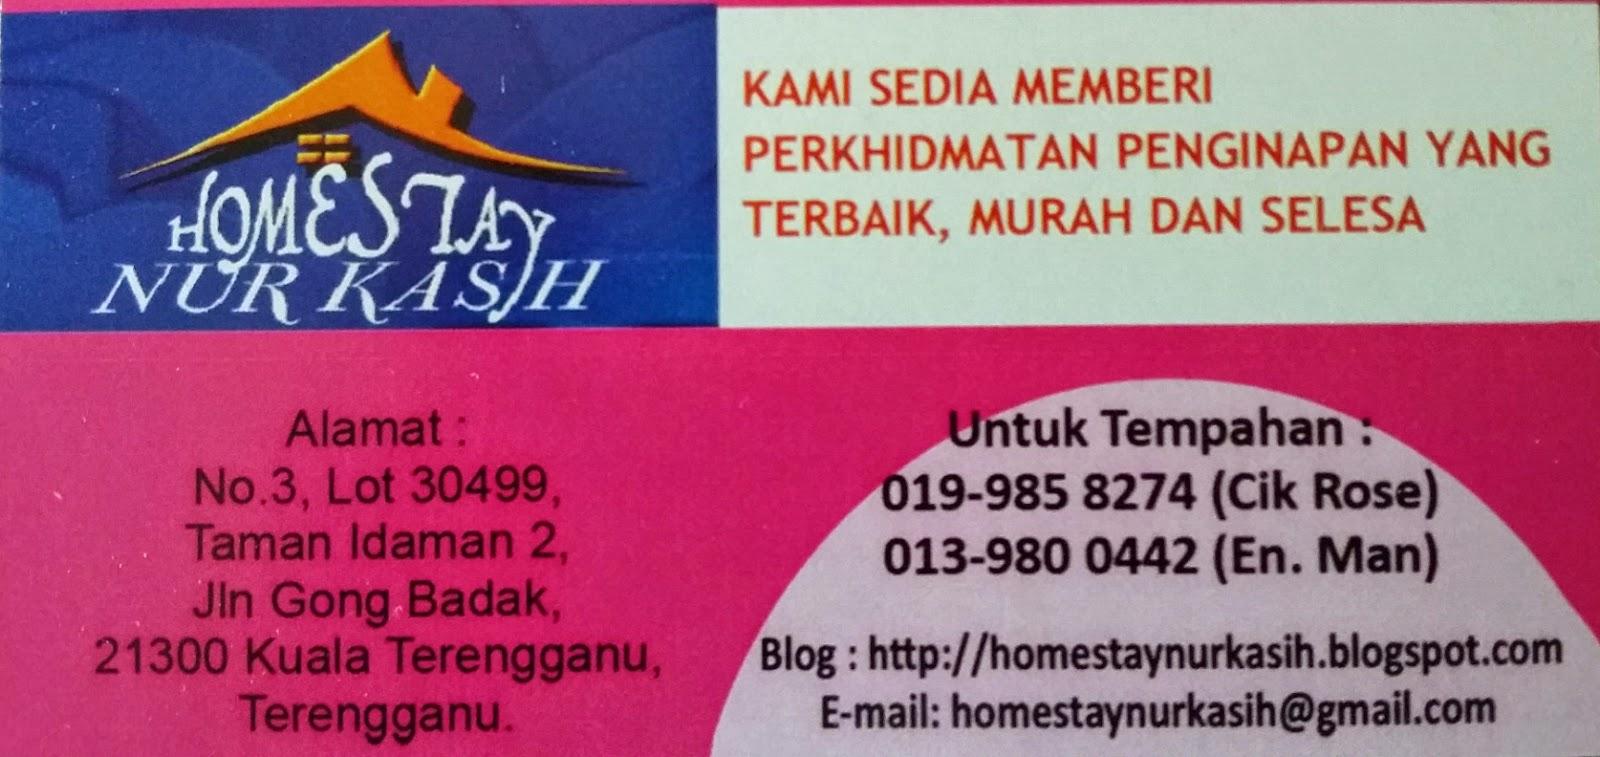 Homestay Murah Selesa Di Kuala Terengganu